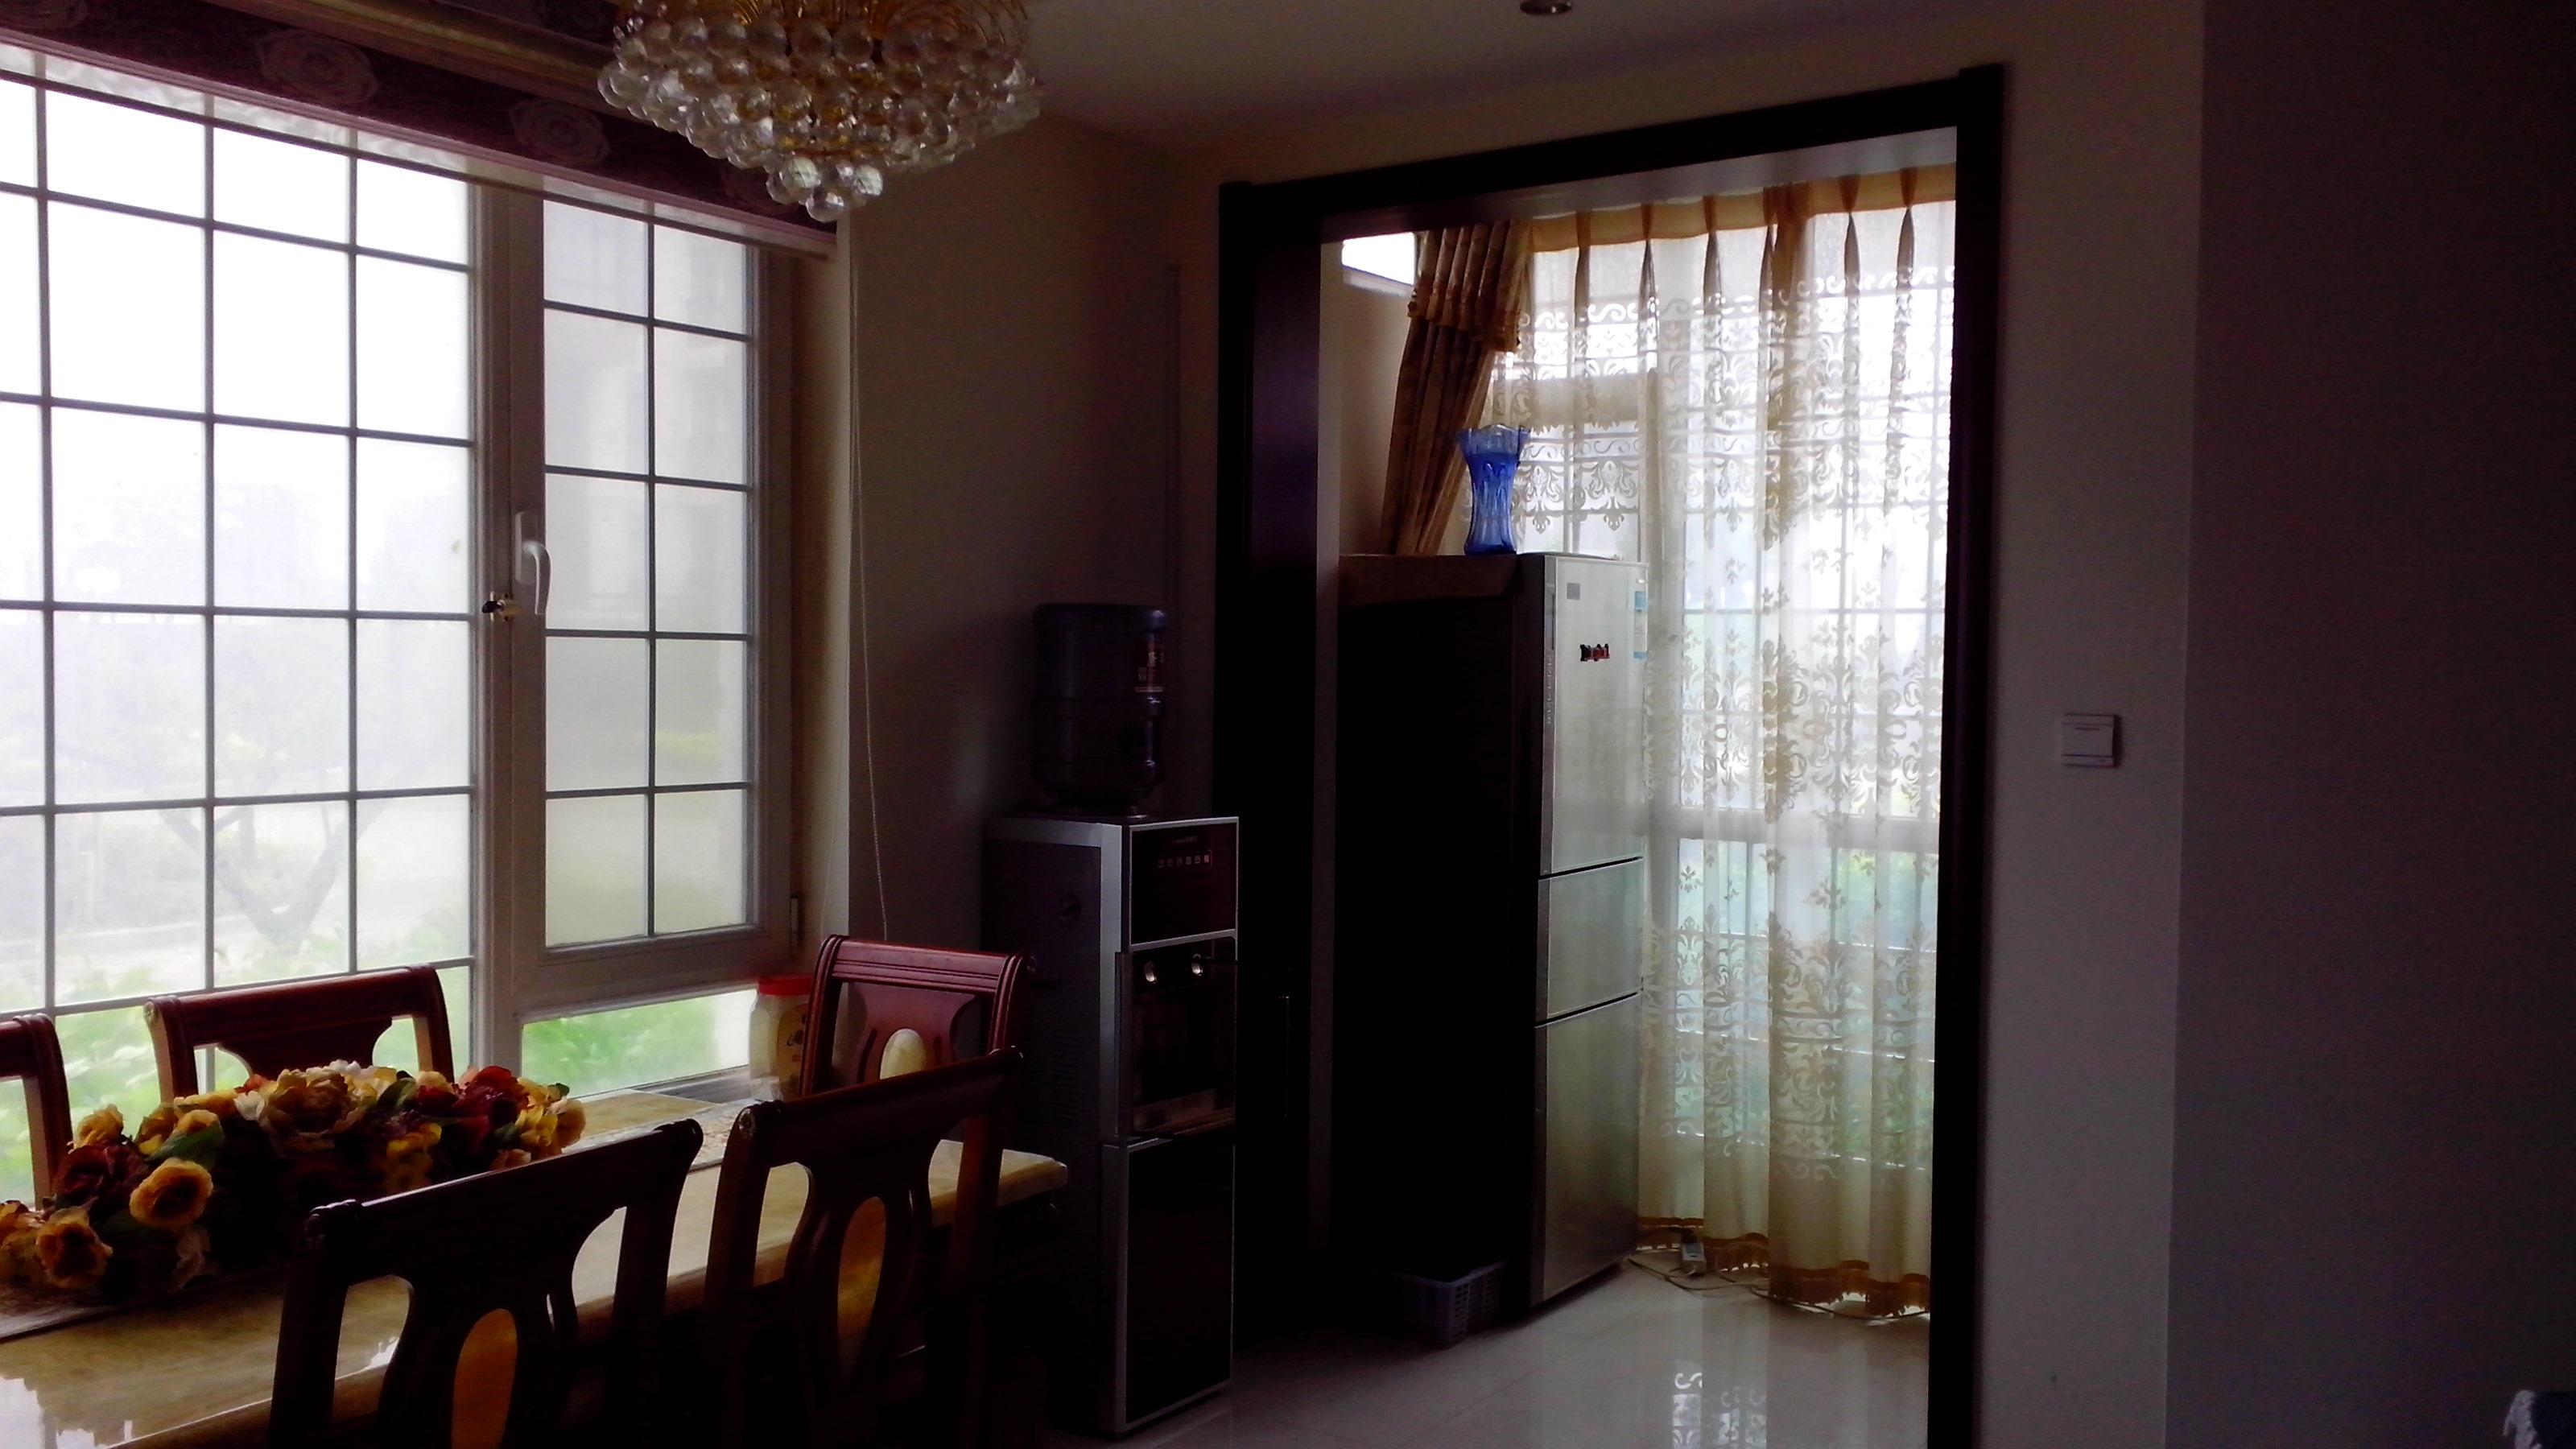 赵朋 13780952624 房屋配套 水电 宽带 煤气/天然气 暖气 冰箱 电视机图片